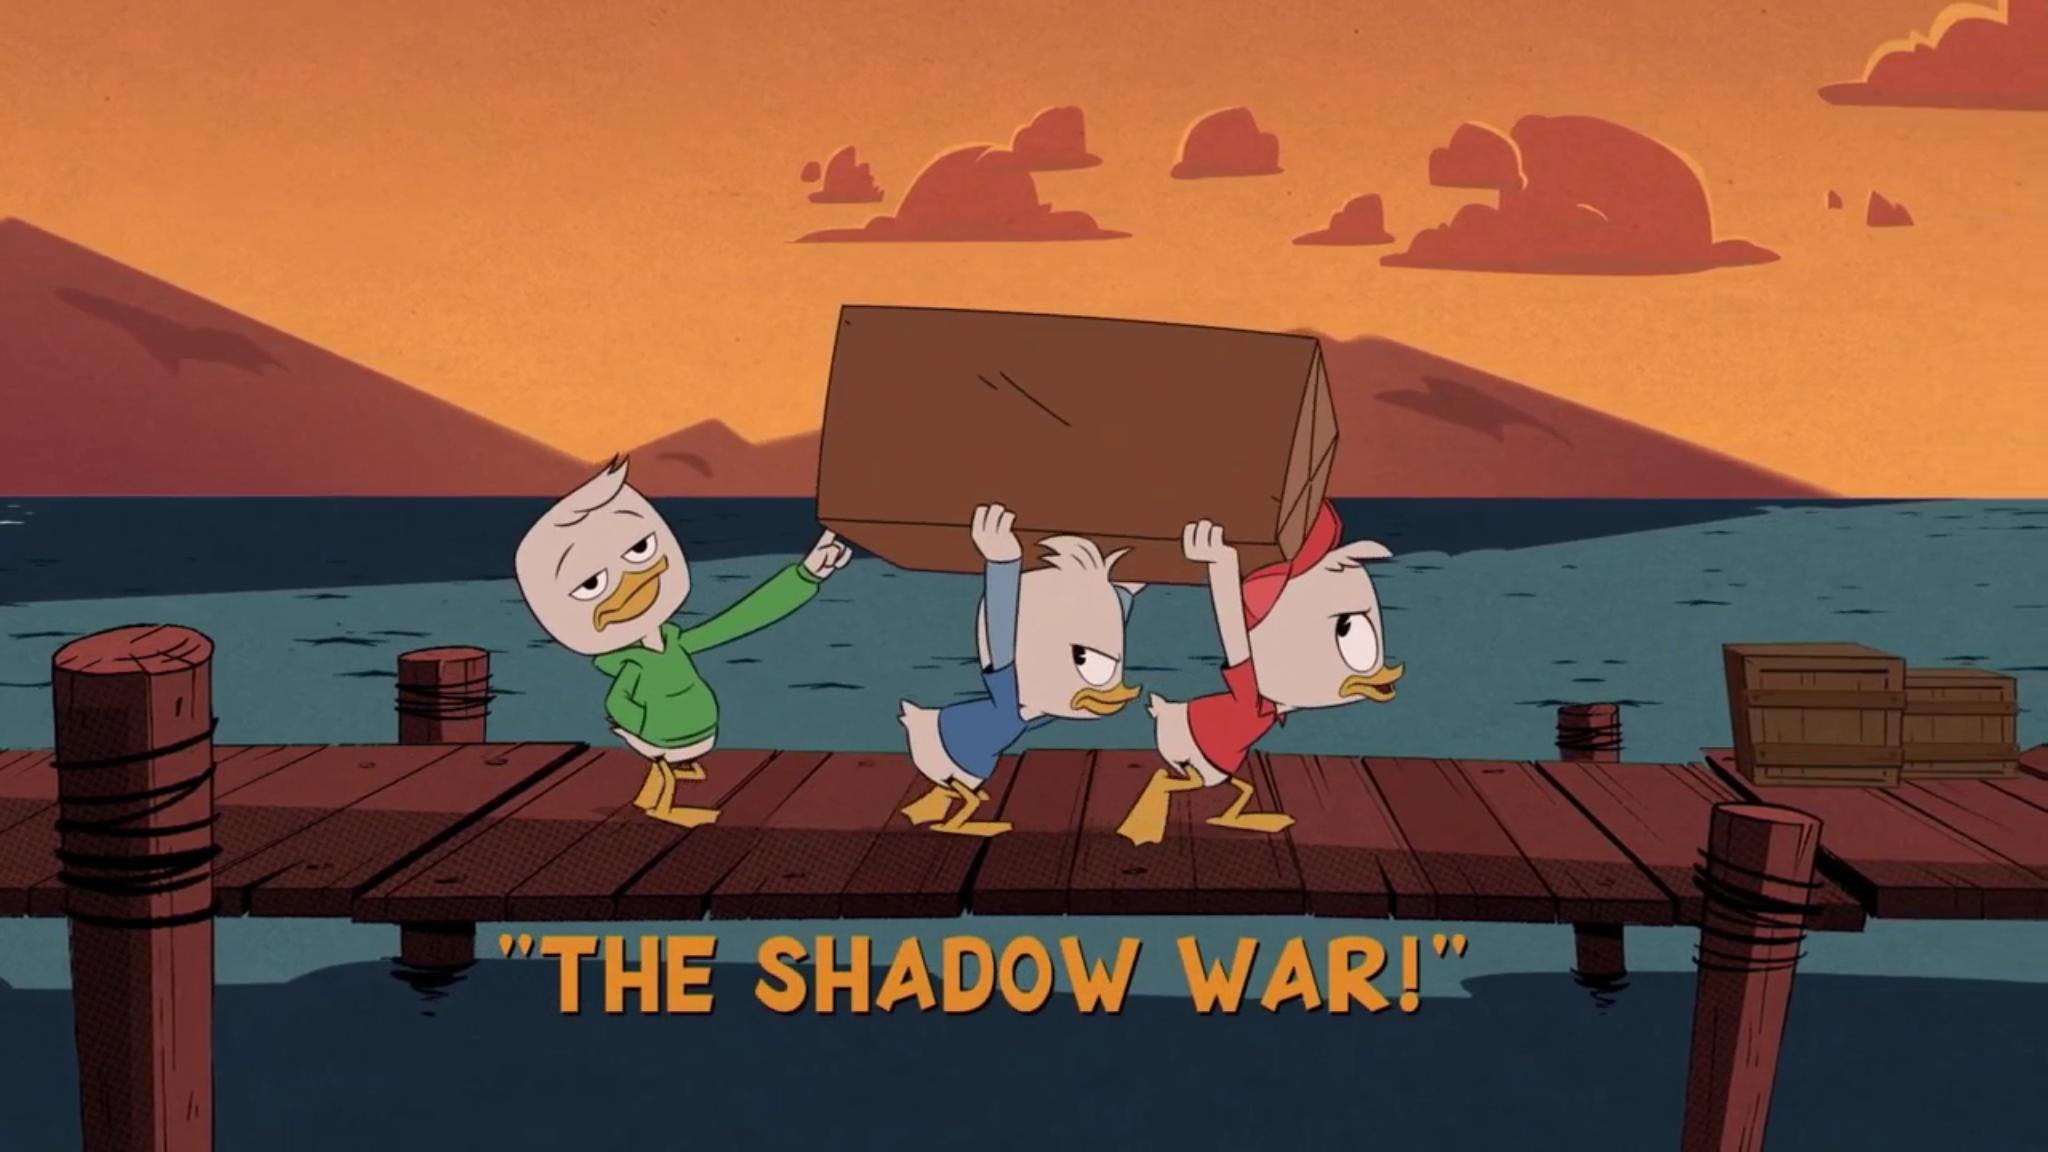 A Guerra das Sombras da Maga Patalógica!